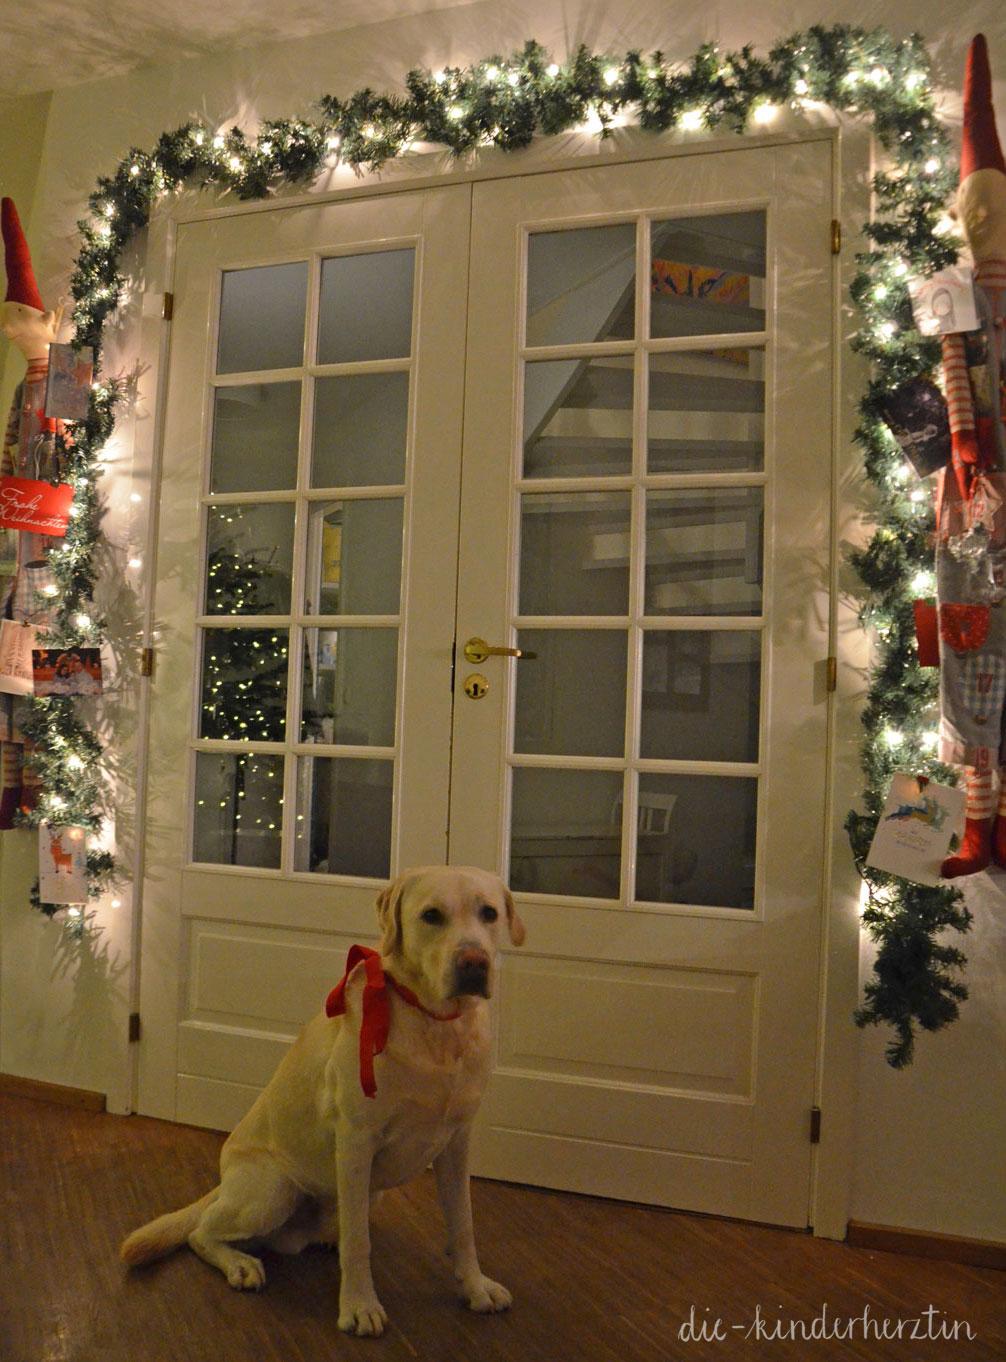 Weihnachten 2017 Weihnachts-Deko mit Hund die-kinderherztin